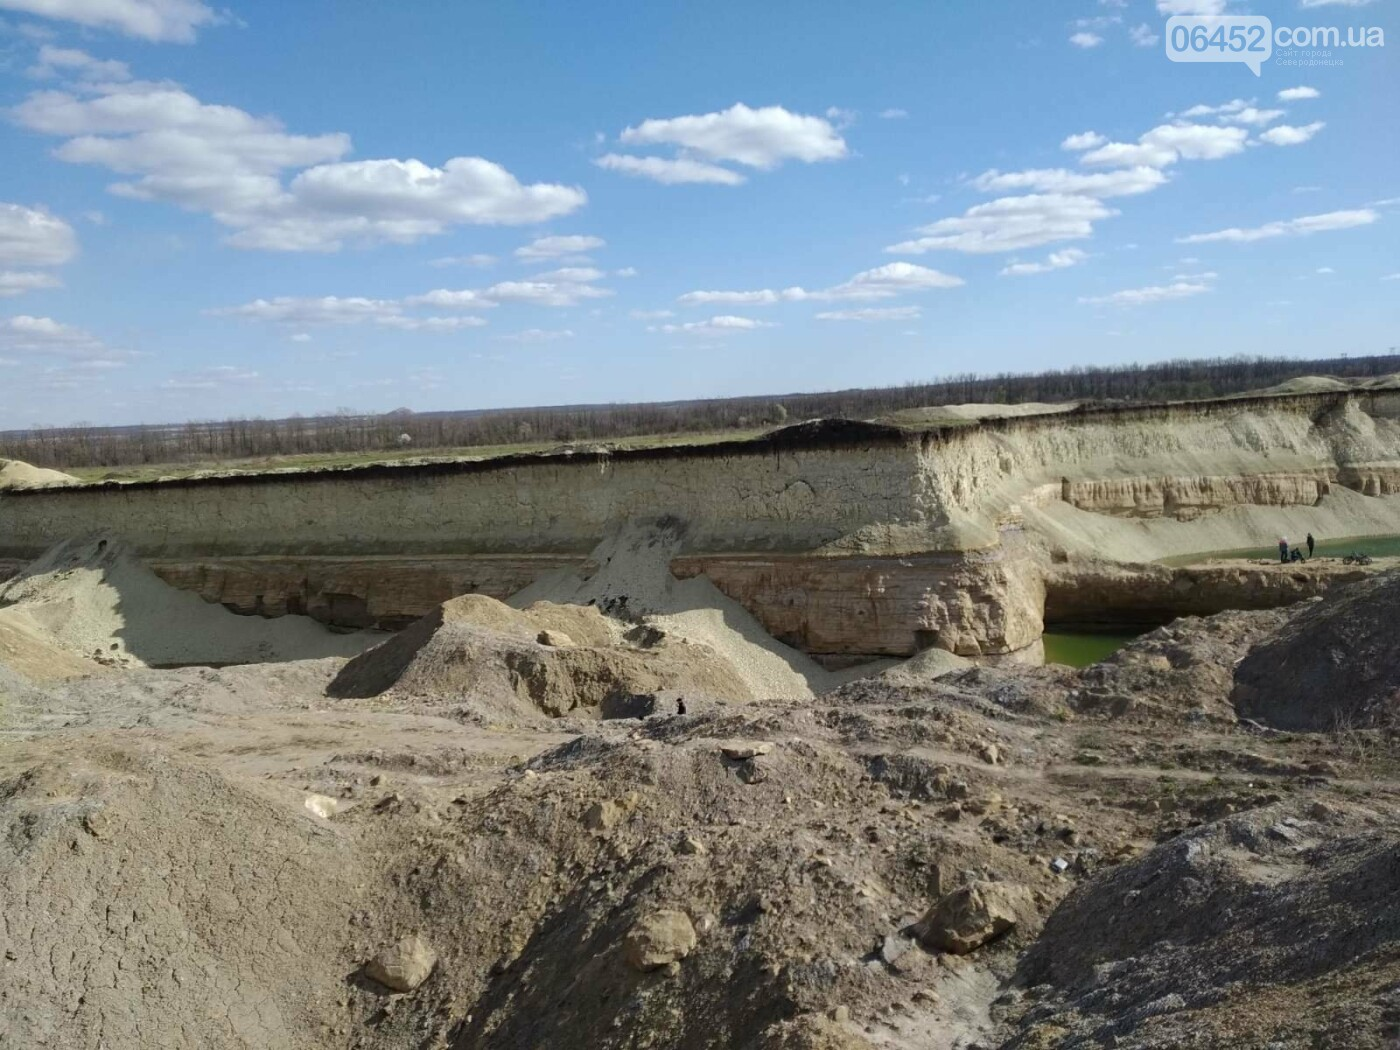 На Луганщине нелегальная копанка превратилась в ландшафтную достопримечательность, фото-8